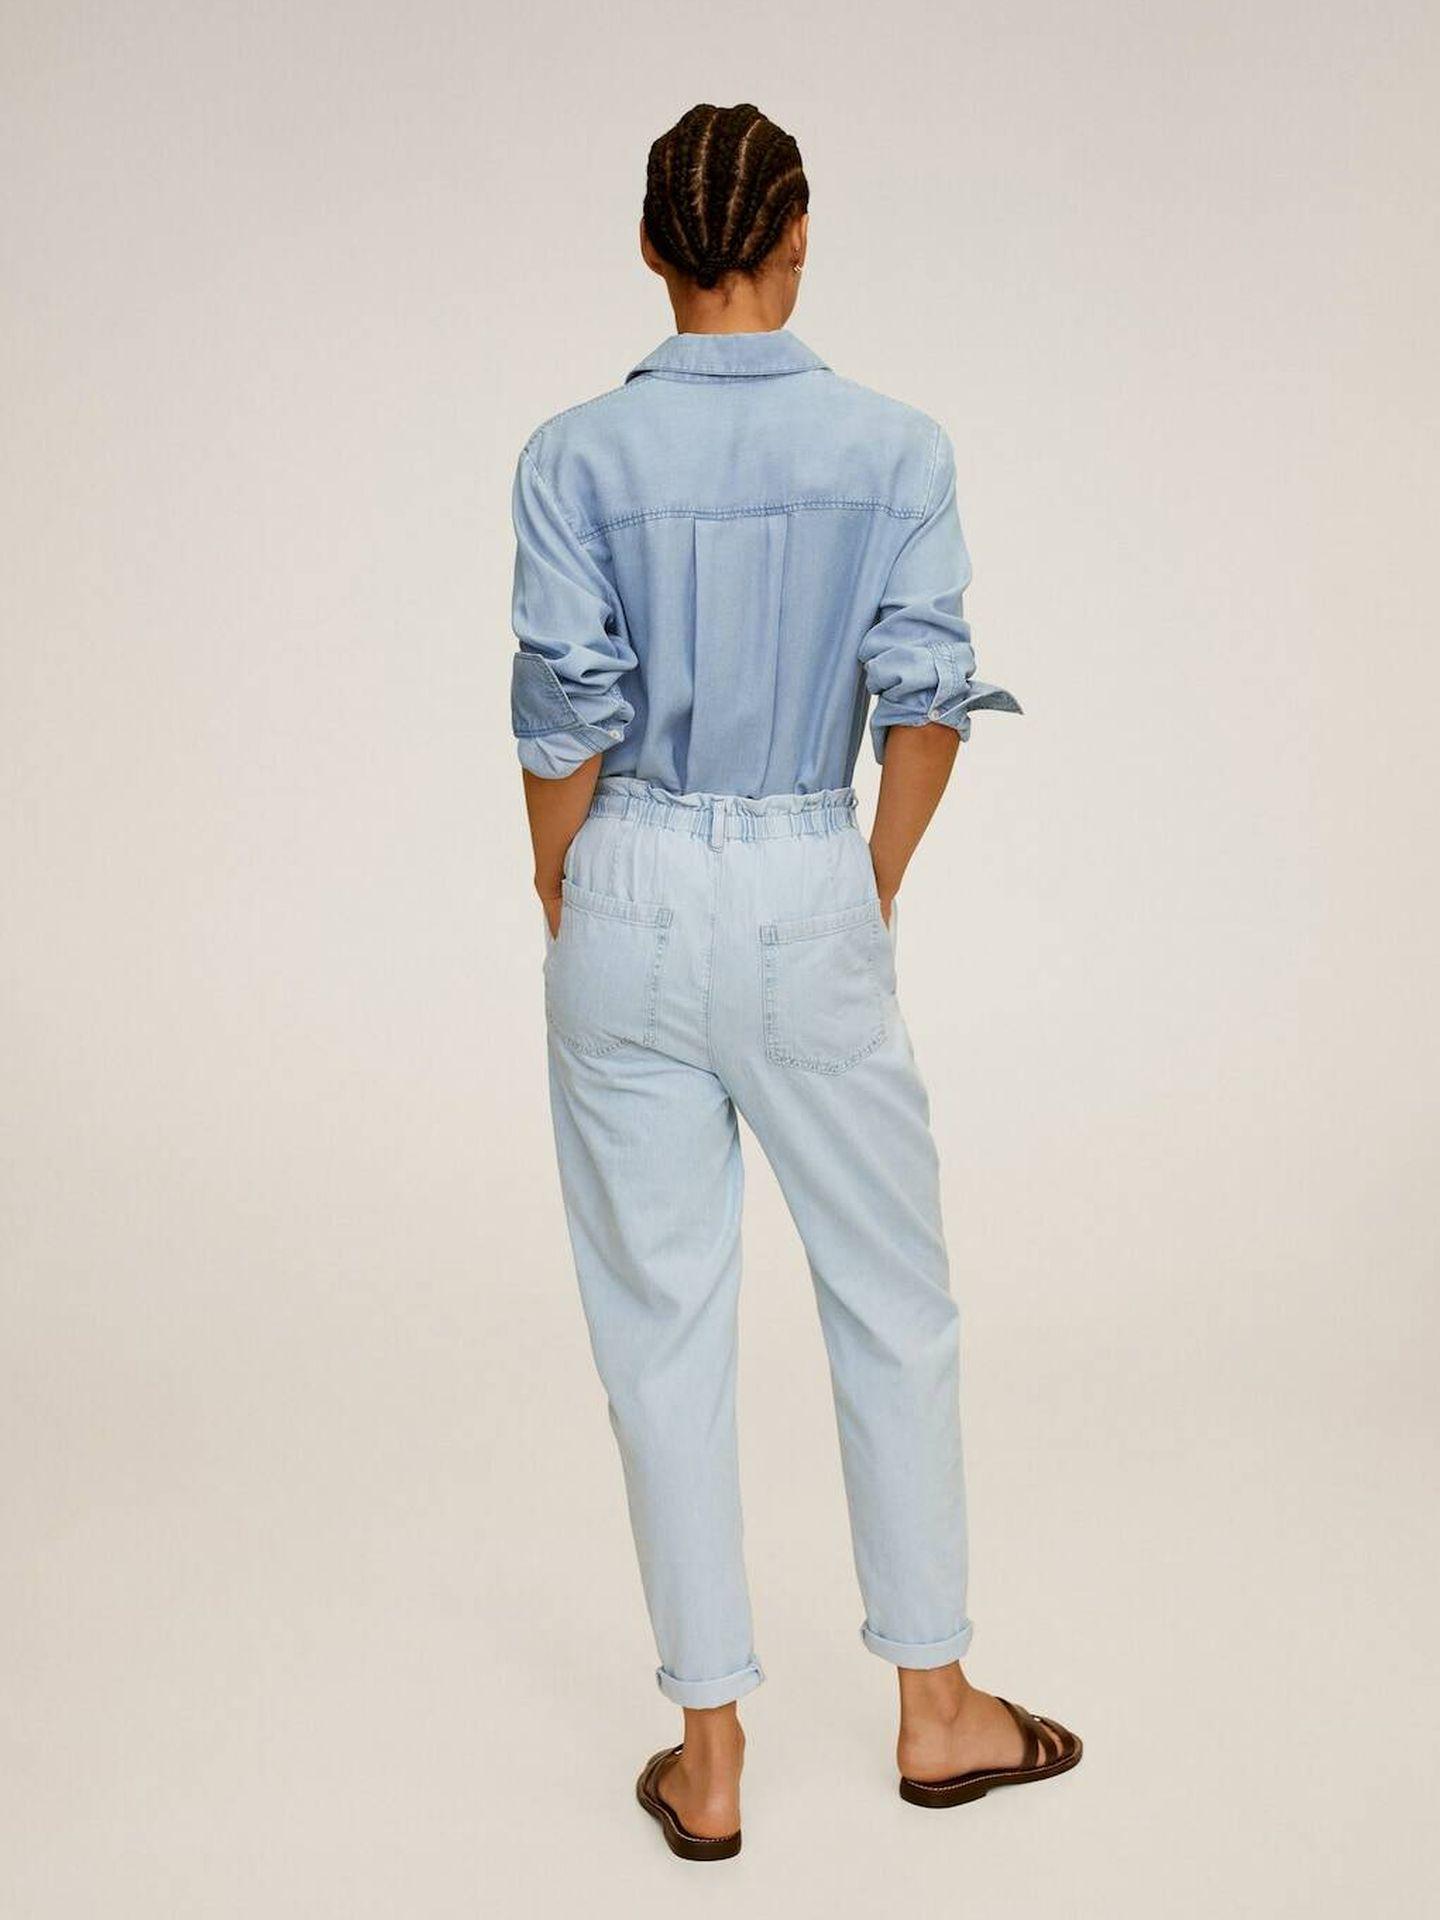 El pantalón vaquero de Mango Outlet. (Cortesía)